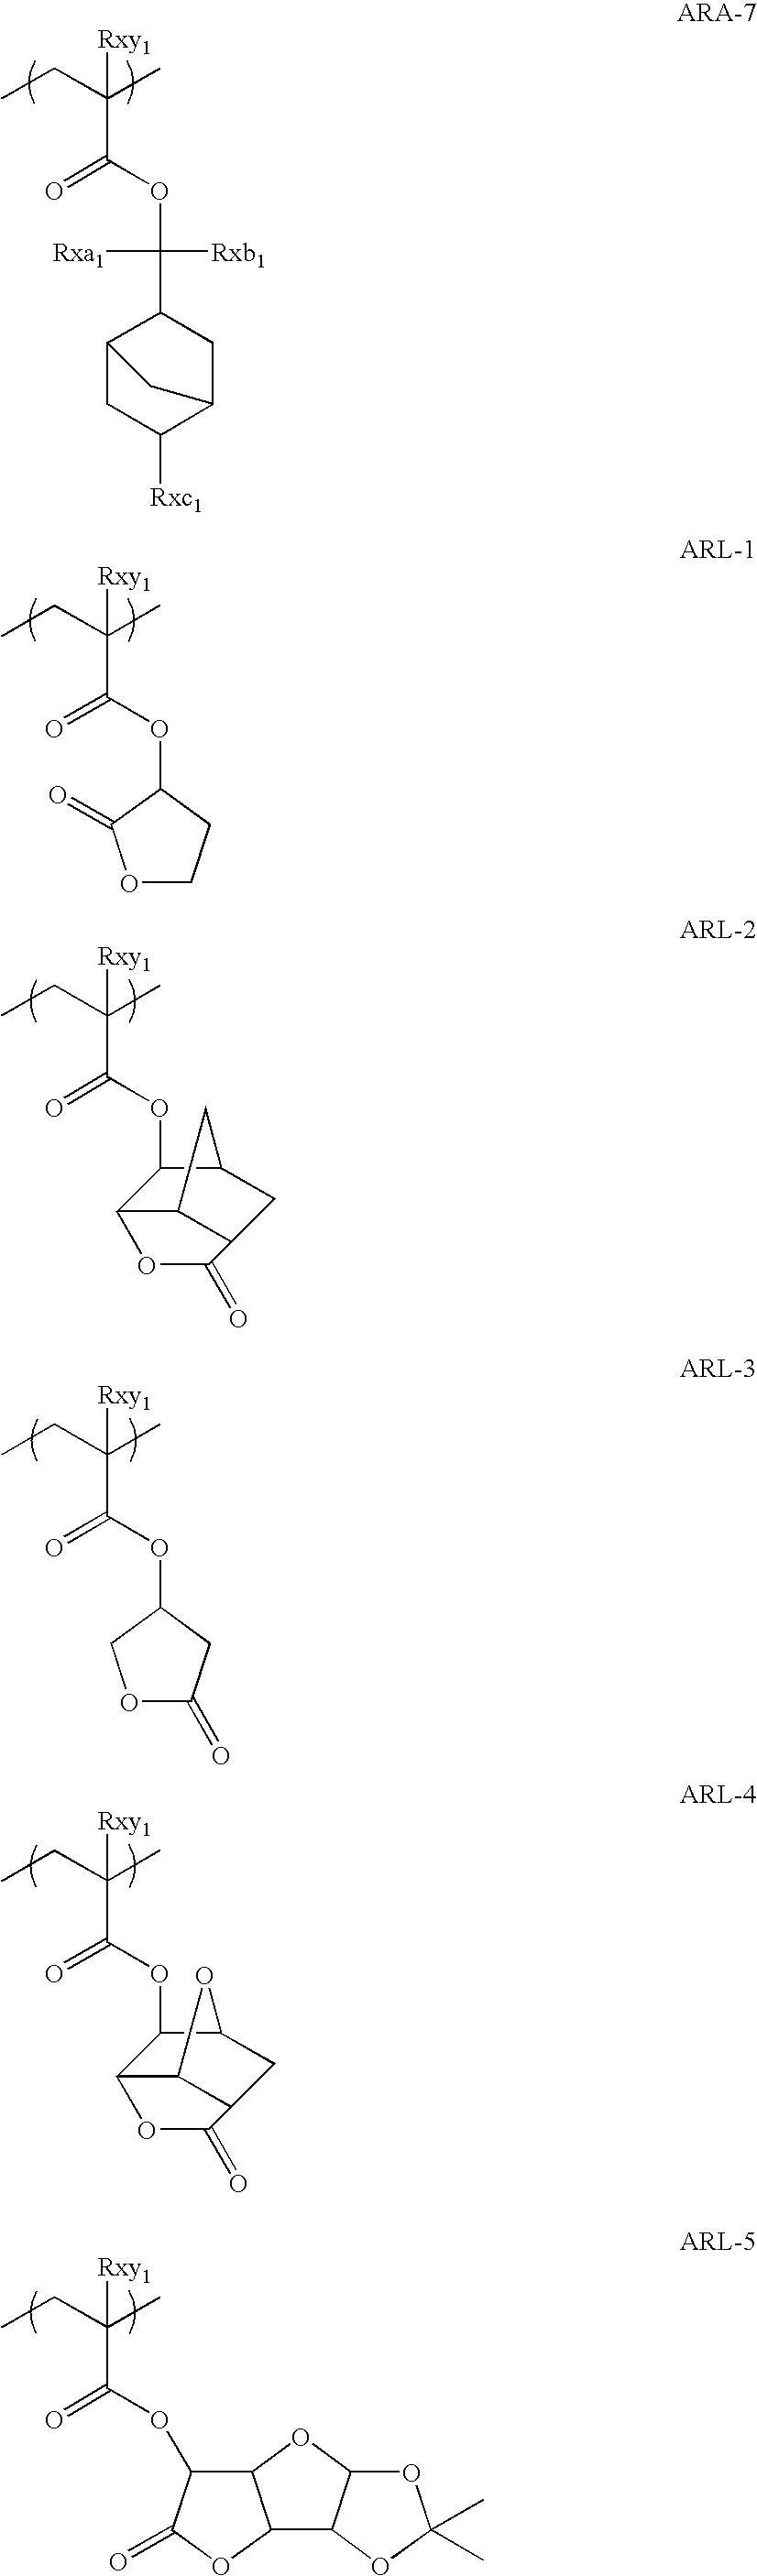 Figure US08530148-20130910-C00041